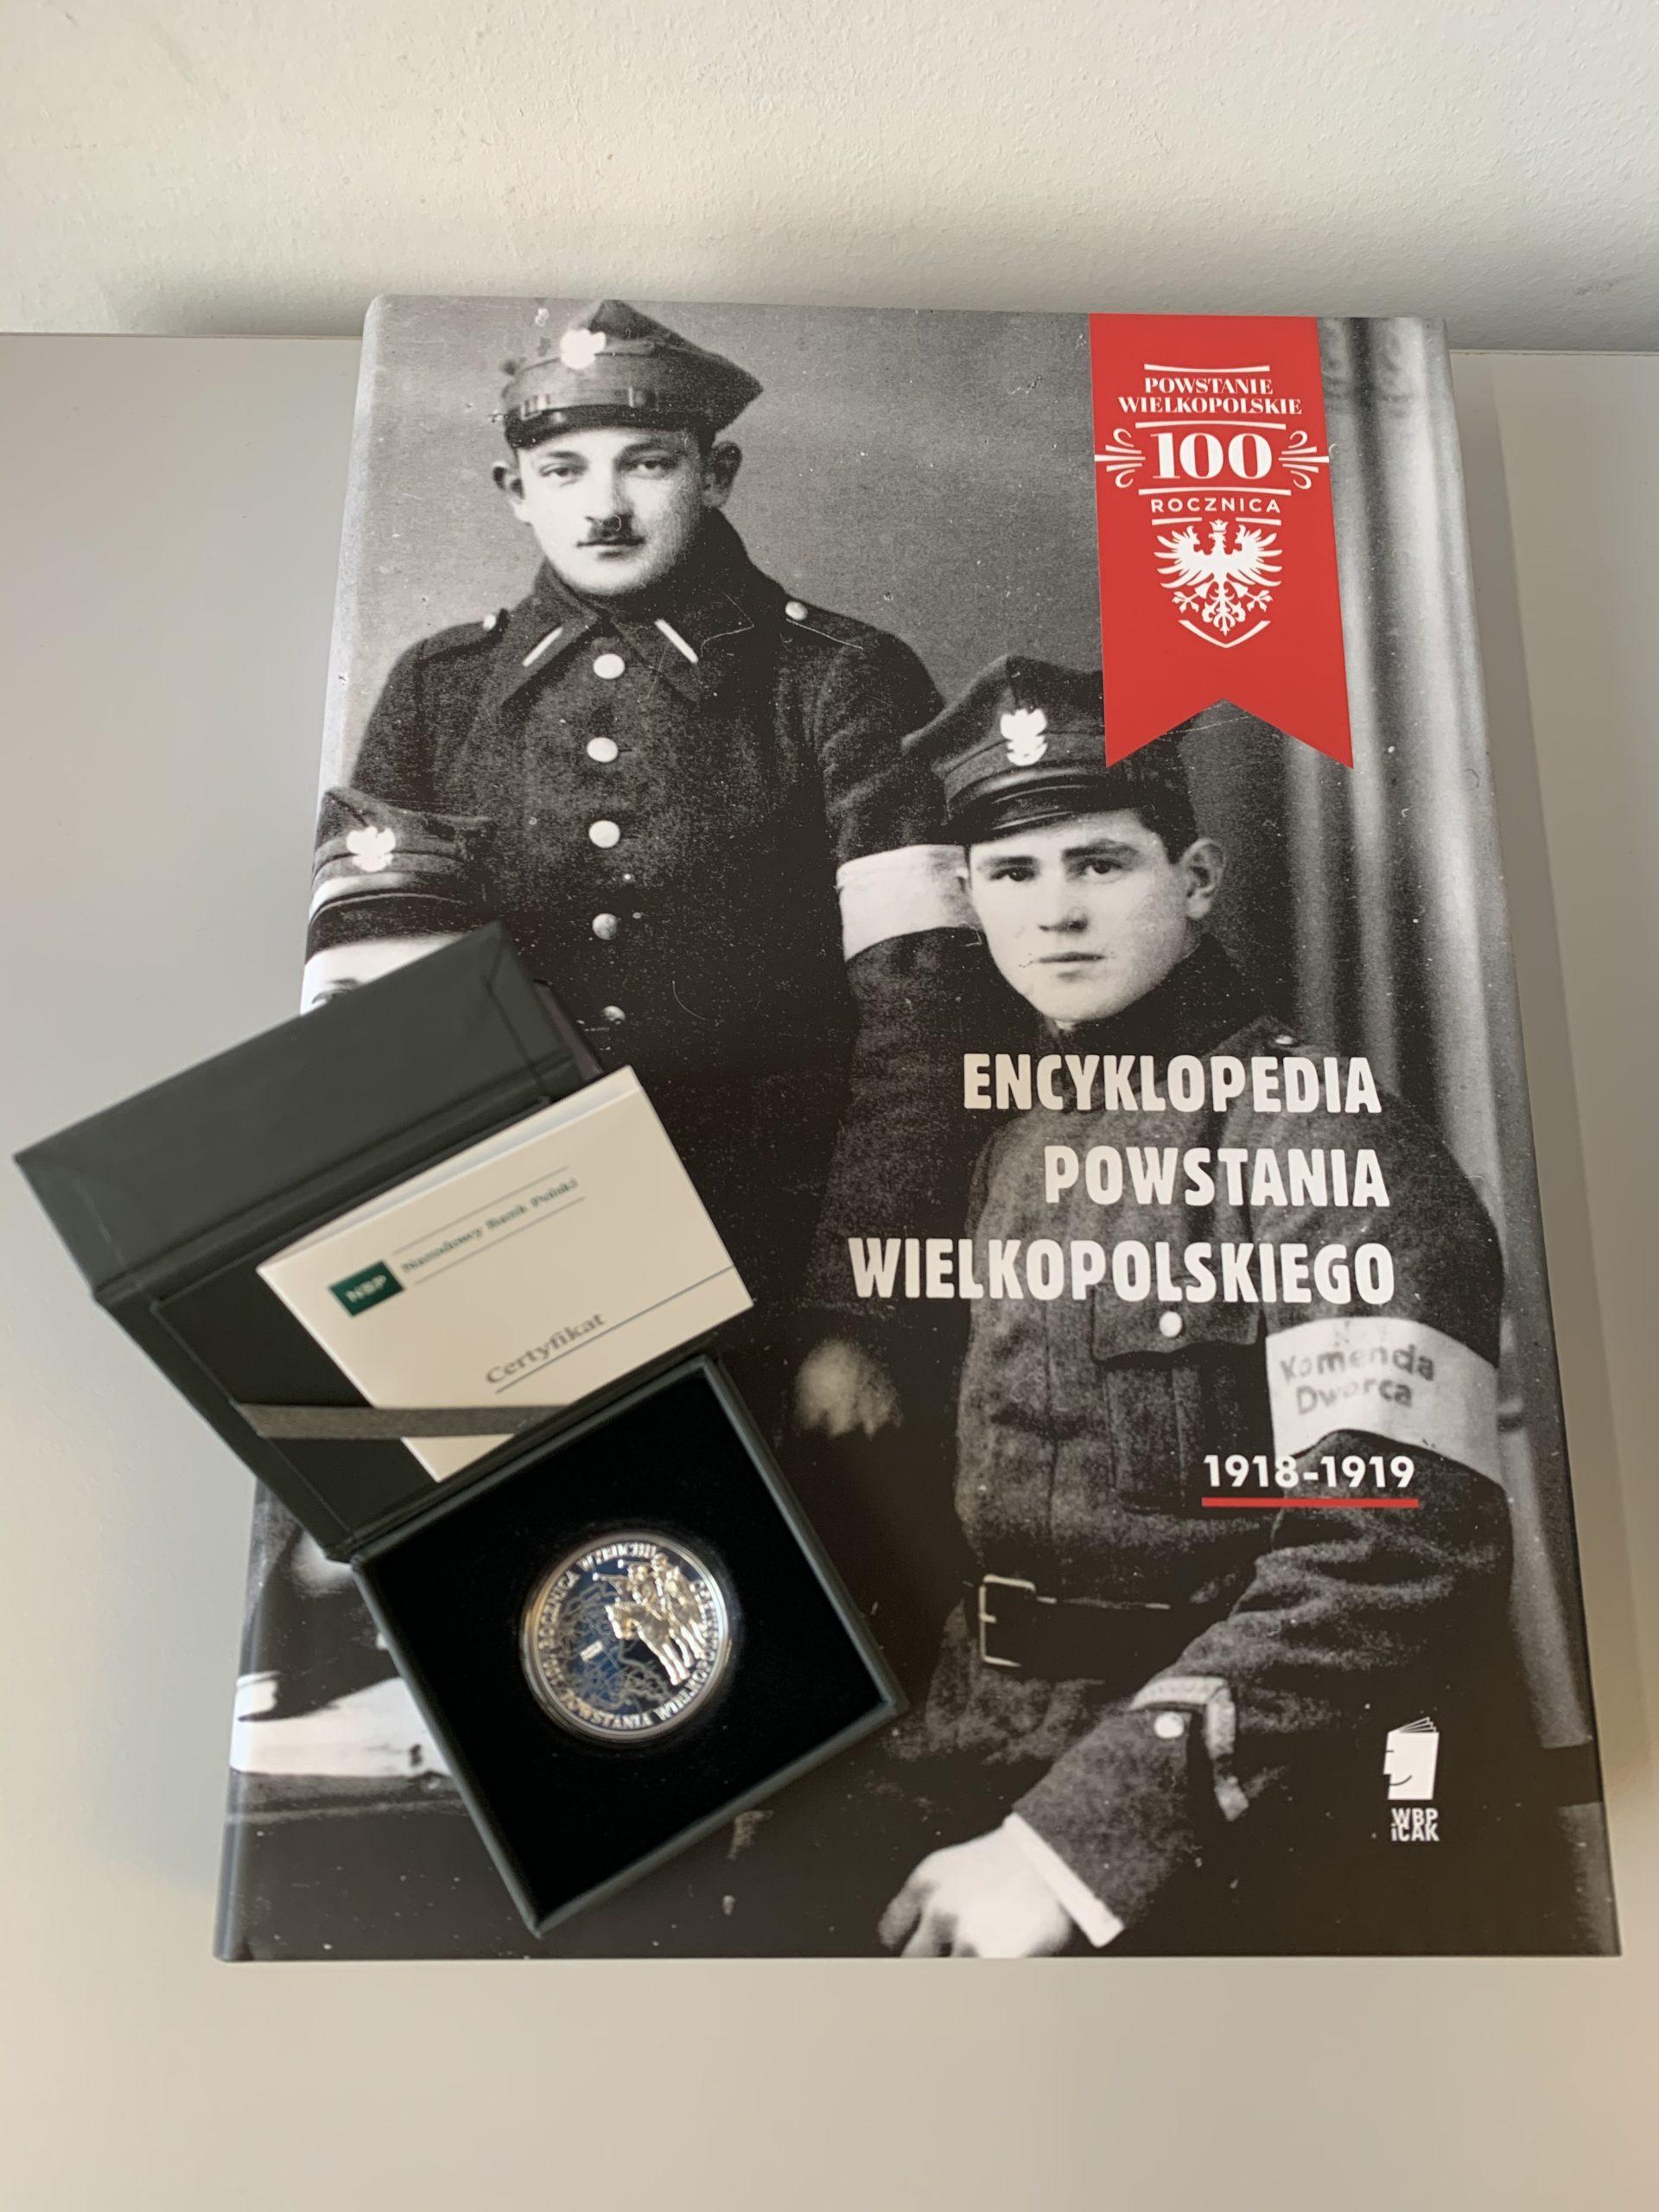 Powstańcza encyklopedia i moneta od Marszałka wesprą WOŚP